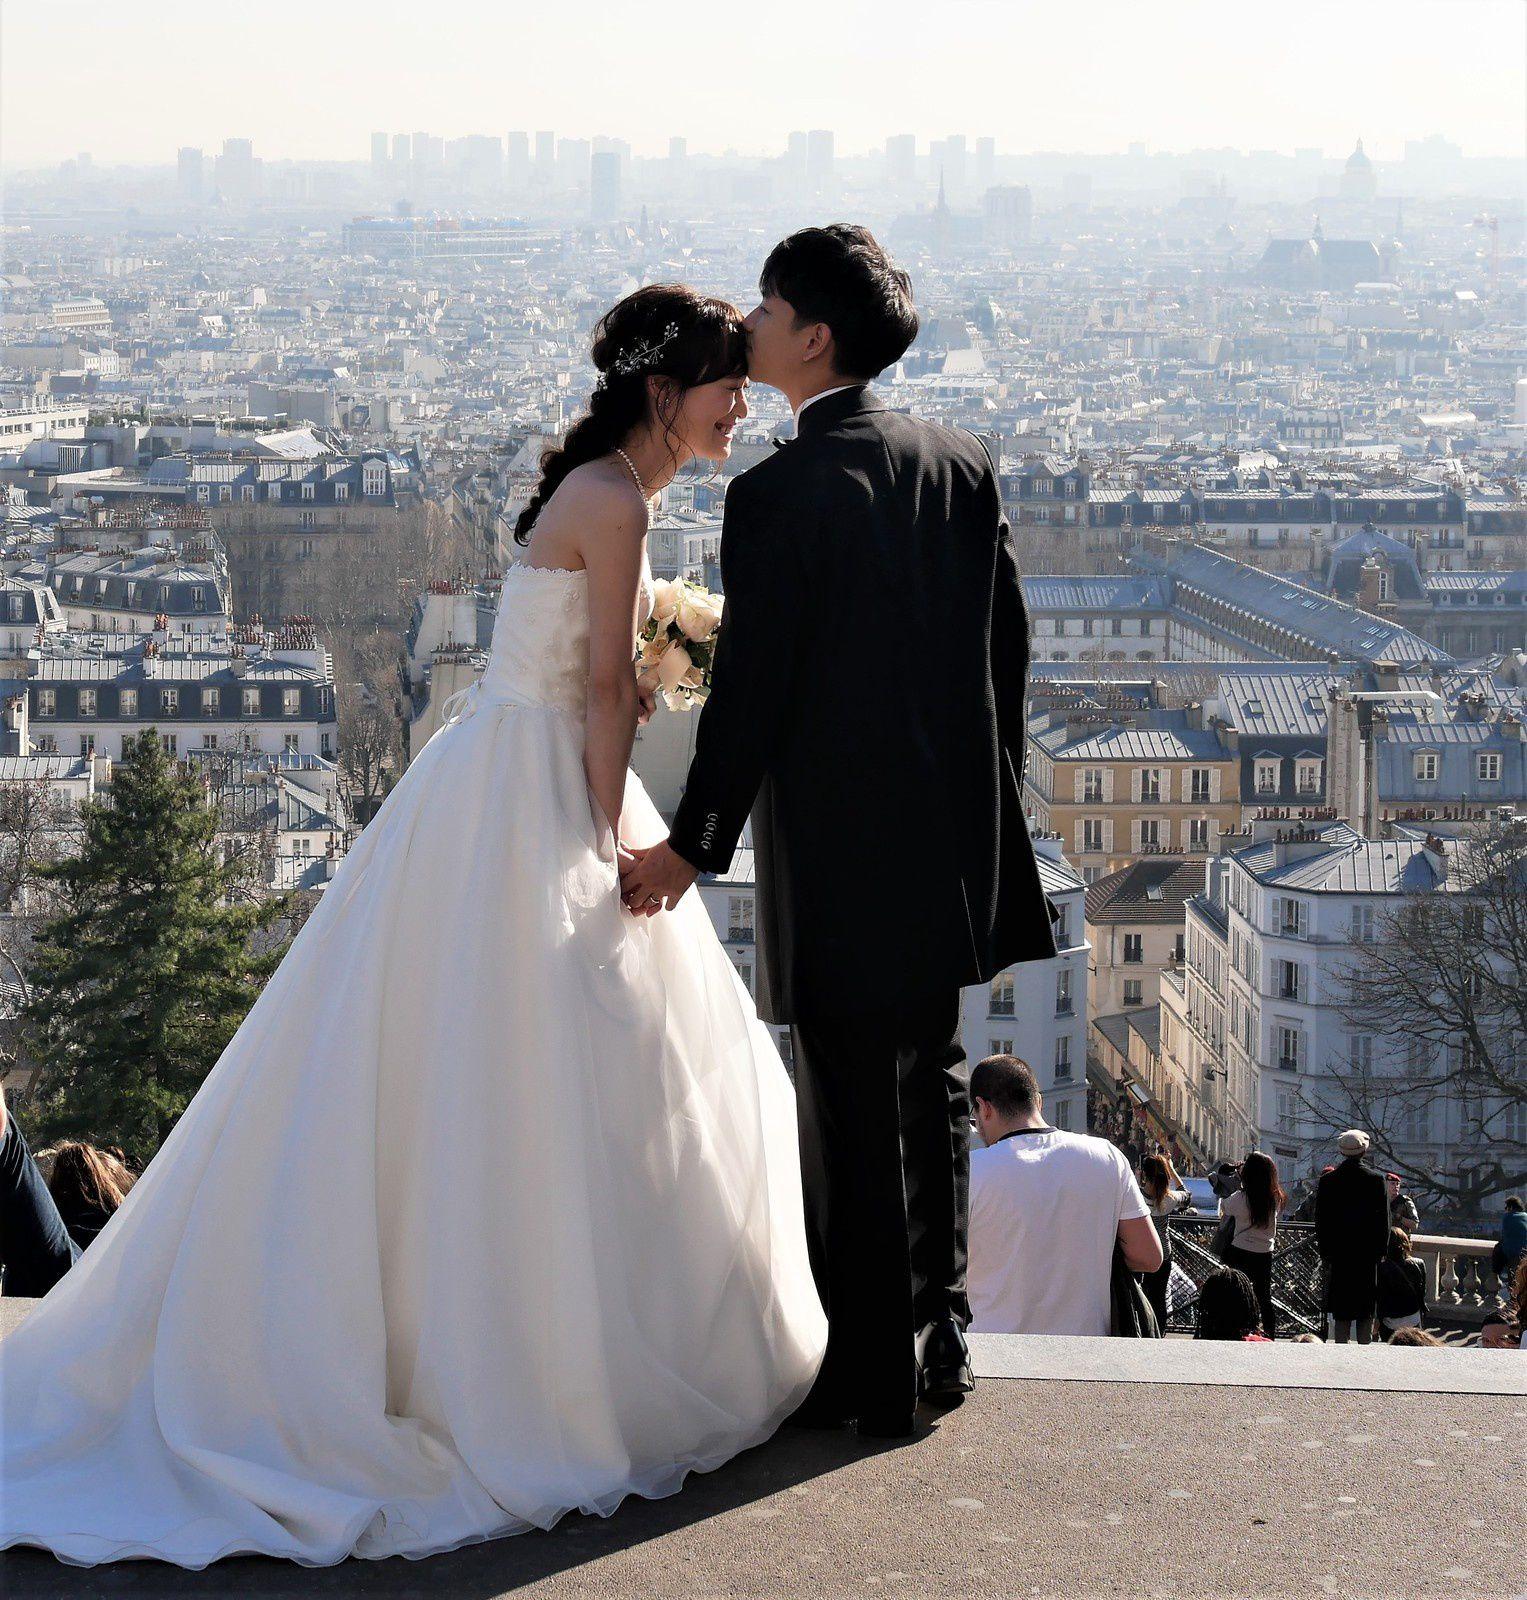 Février 2019 à Montmartre. Photos au jour le jour.